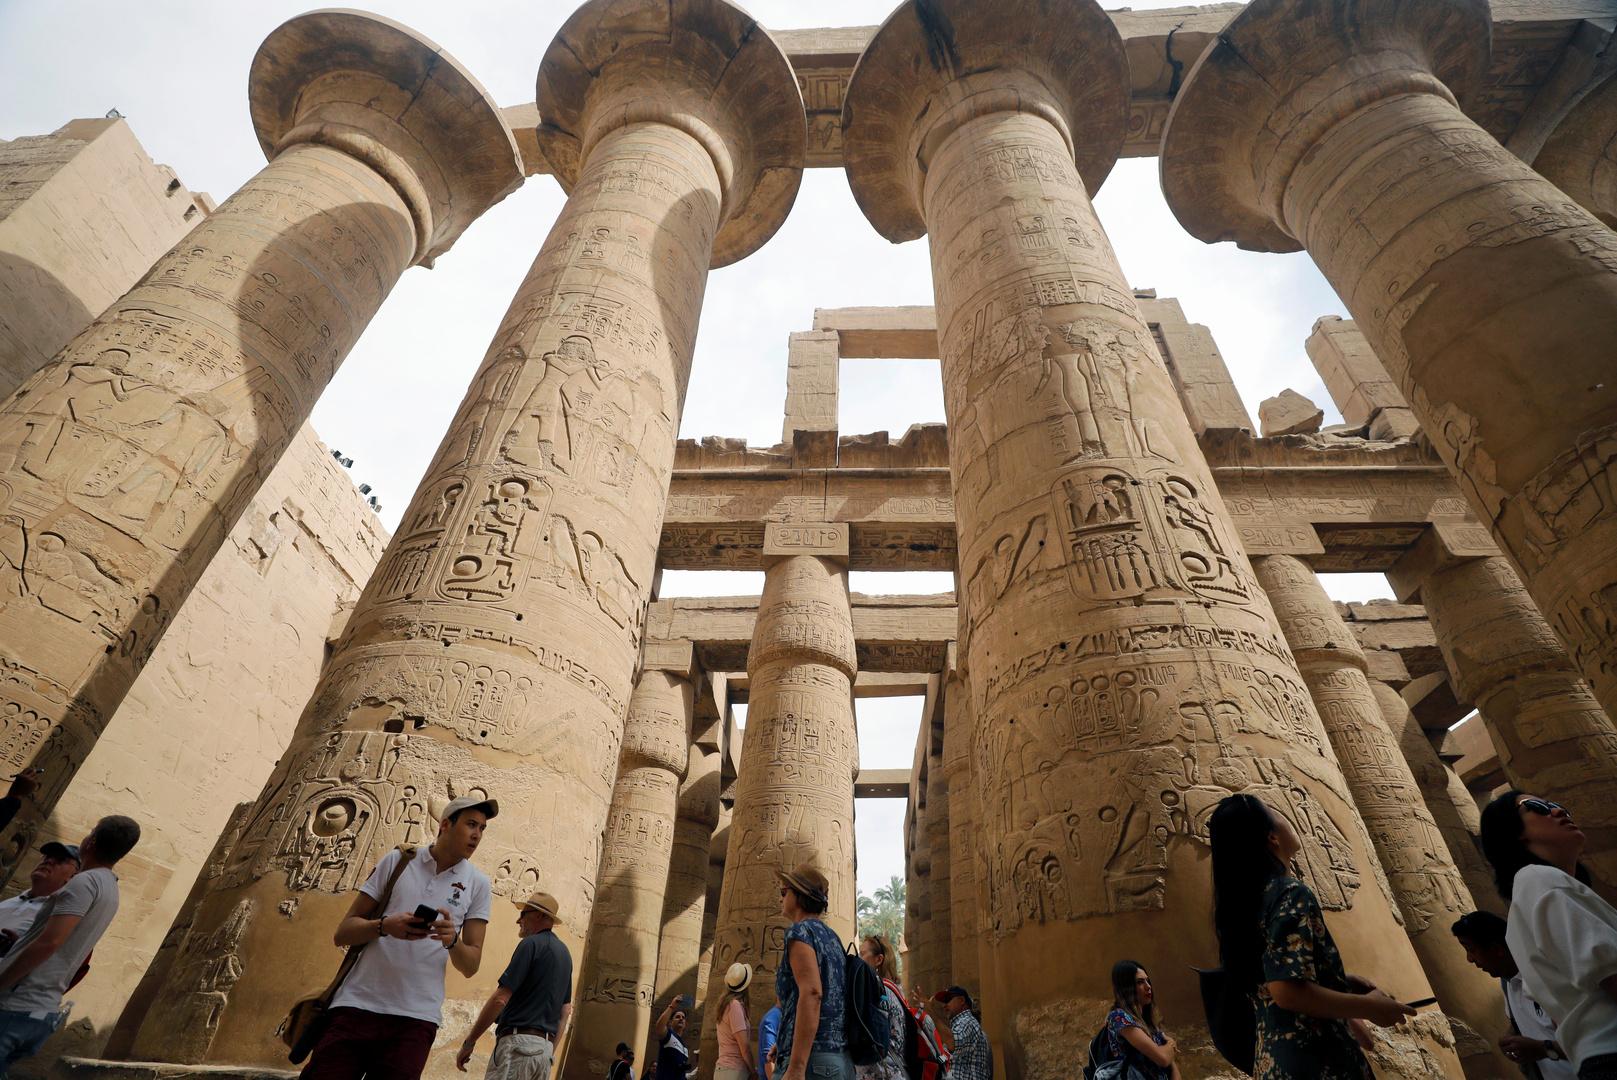 مصر.. ظاهرة تعامد الشمس على قدس الأقداس تجذب السياح والمواطنين